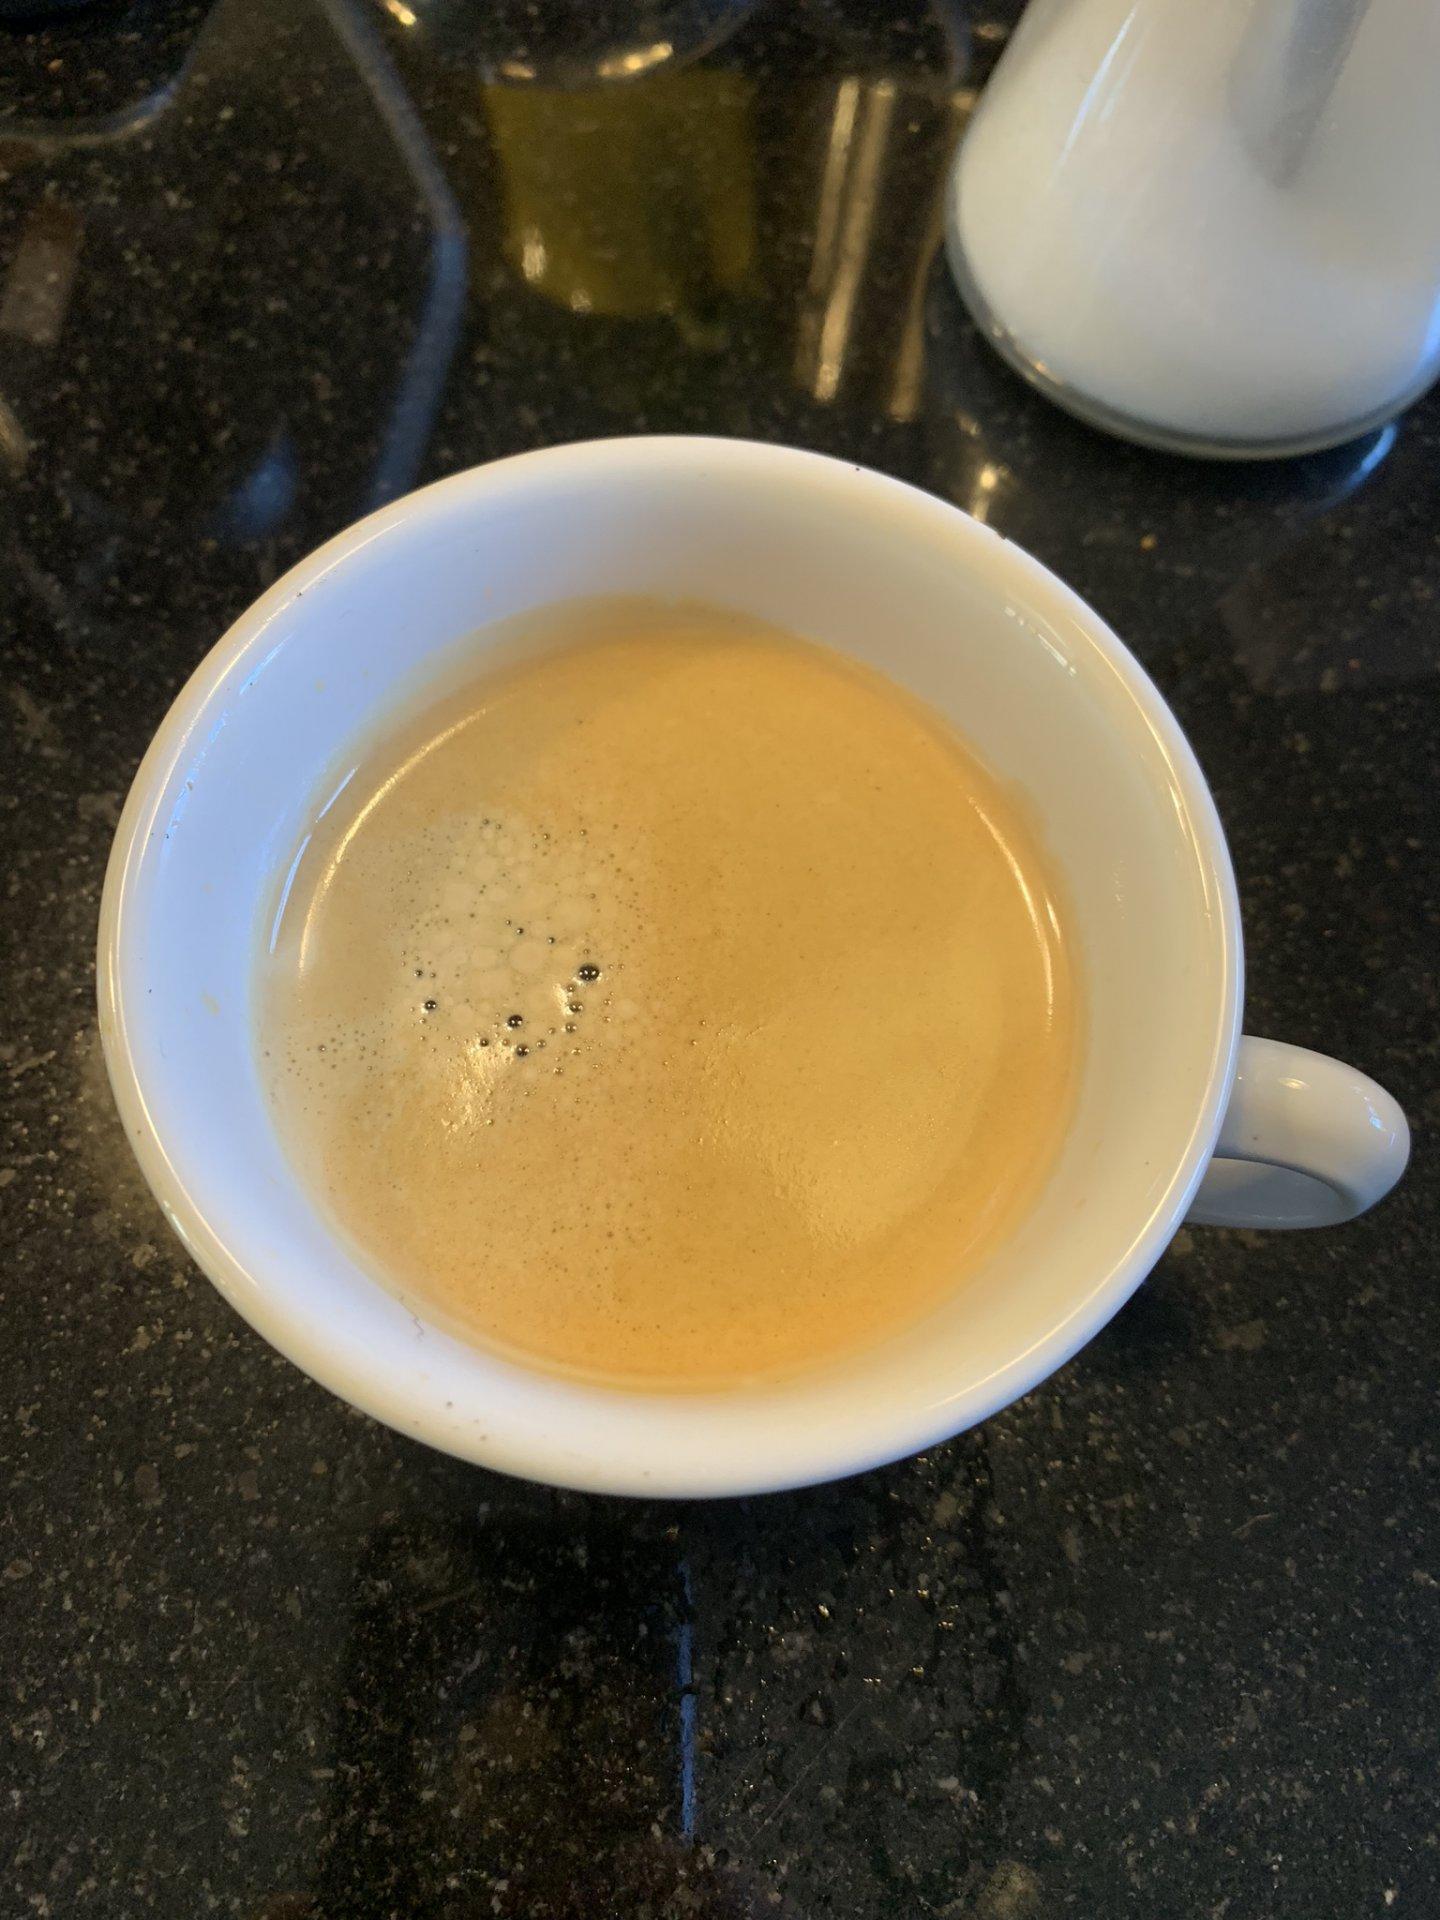 Kaffee.JPEG